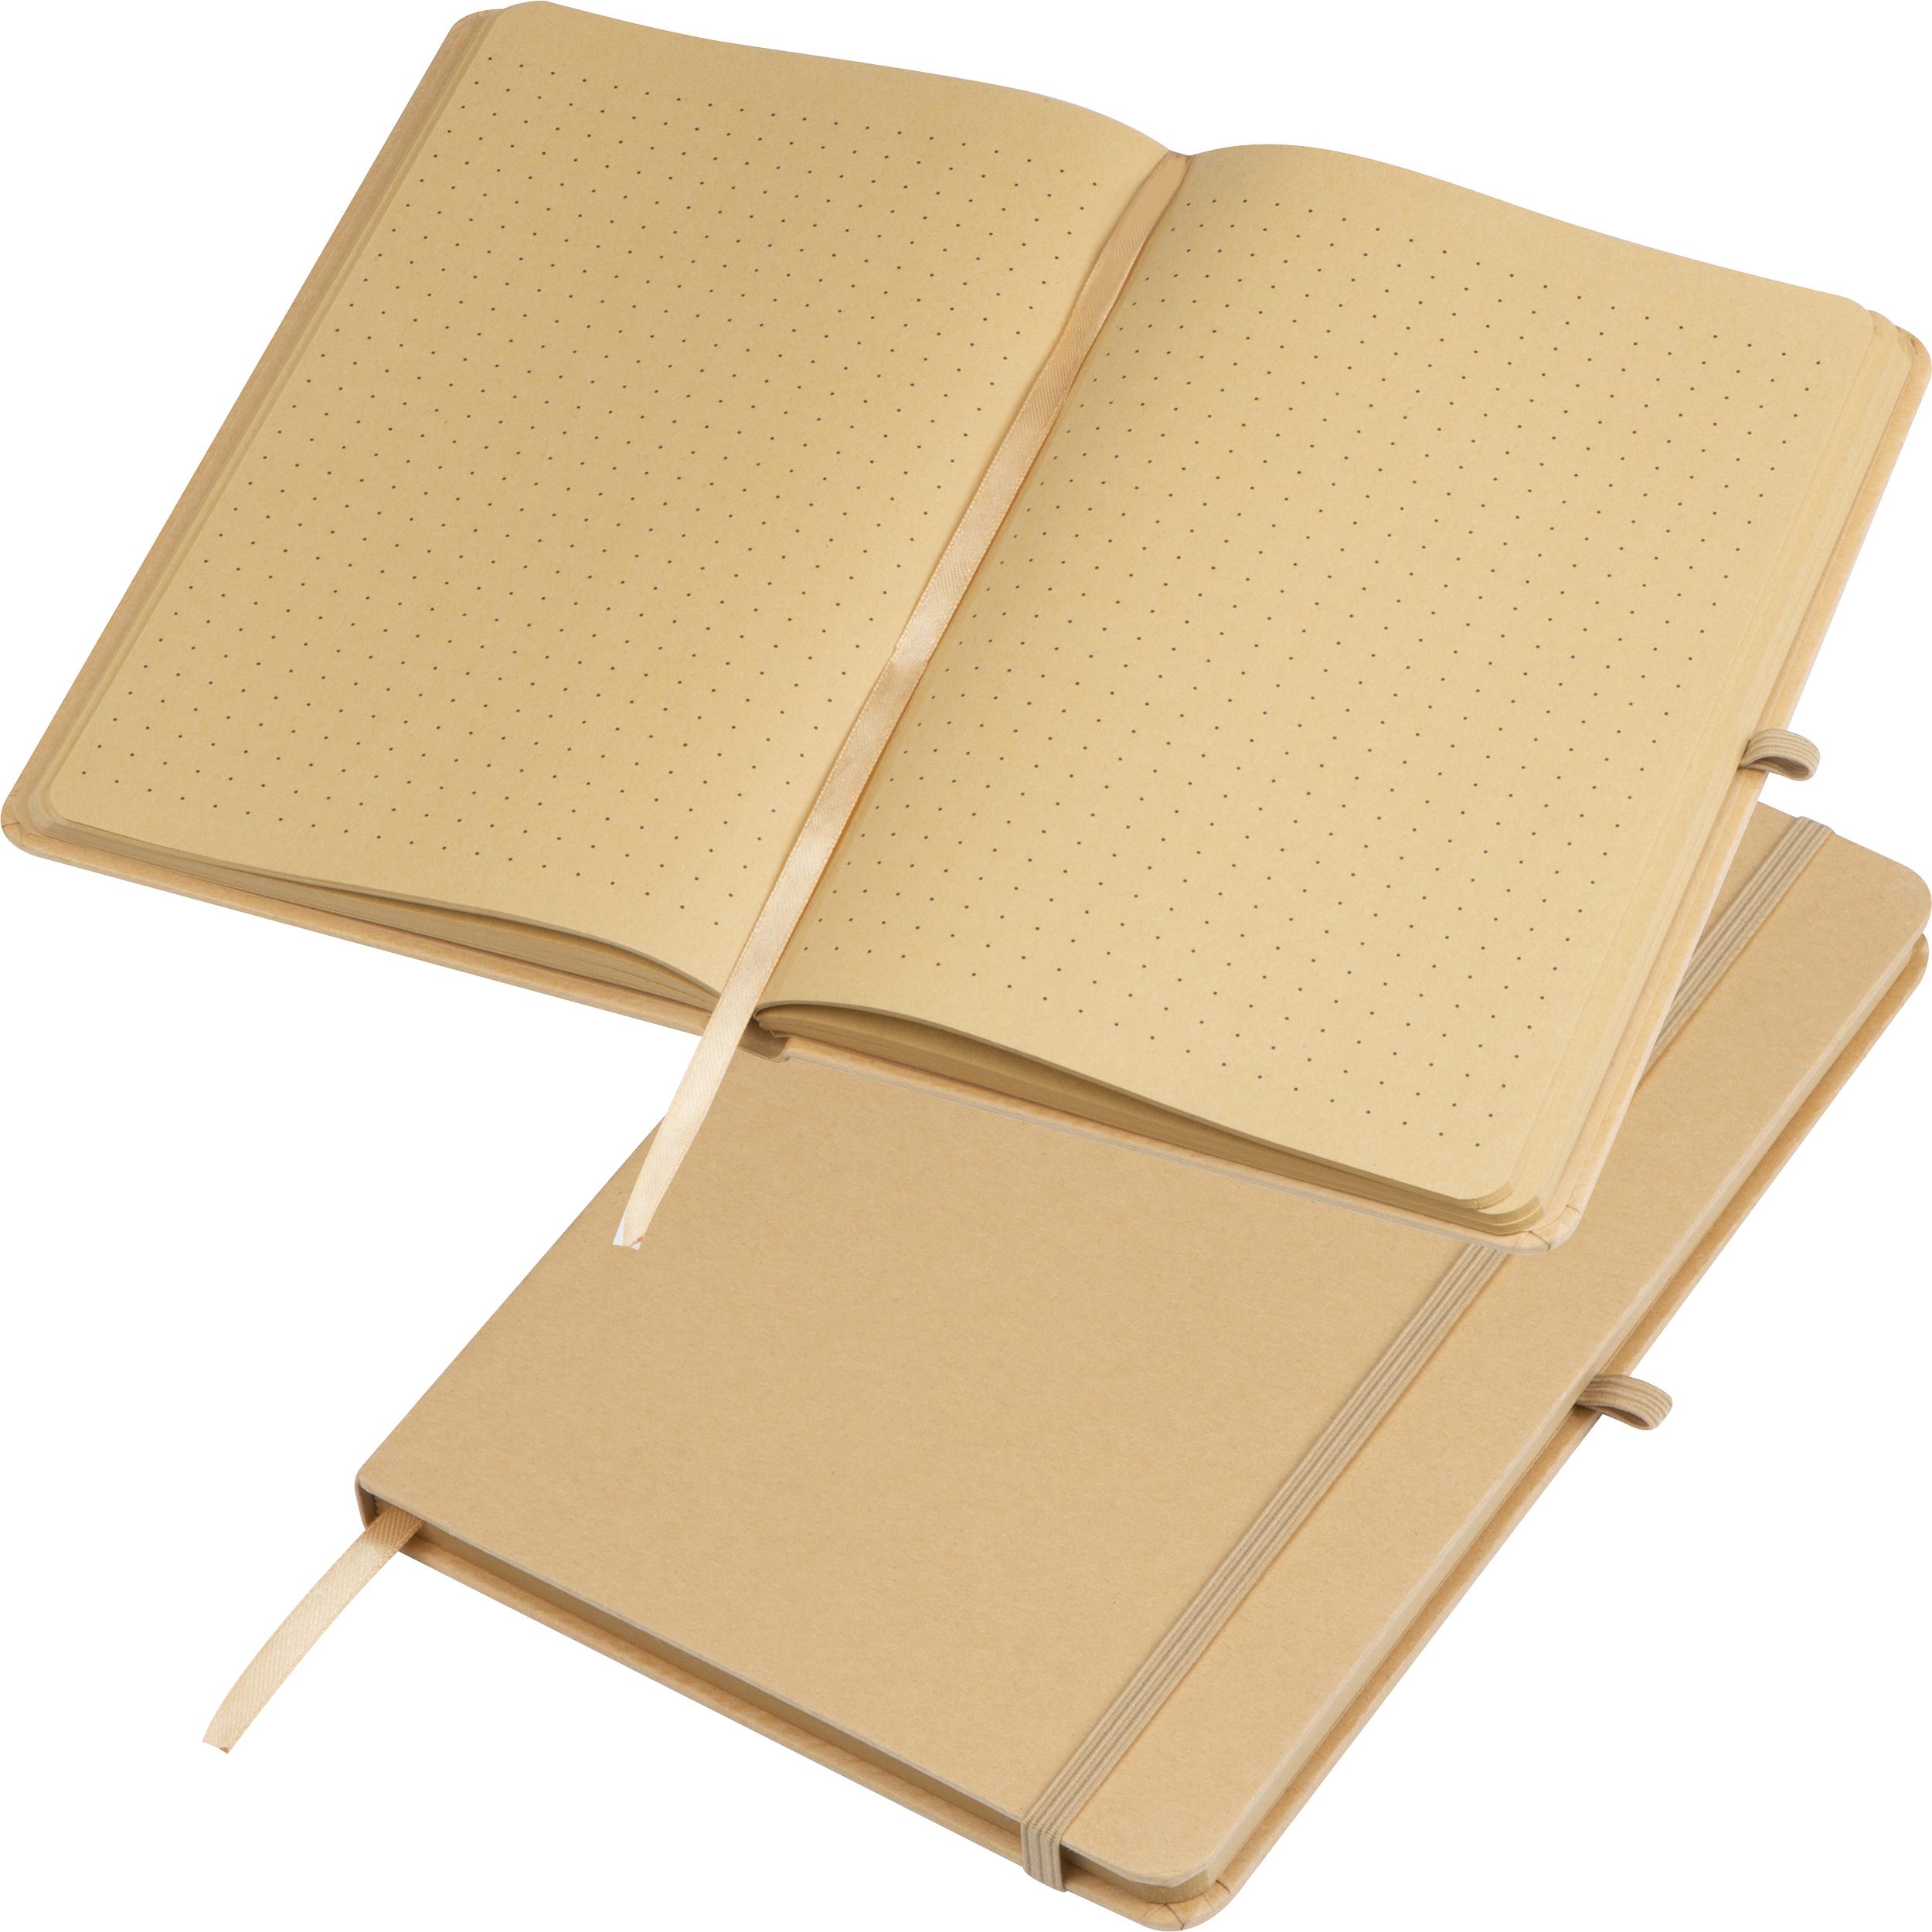 Carnet de notes A5 avec couverture en papier de bricolage, signet, bande élastique pour fermer et boucle à stylo